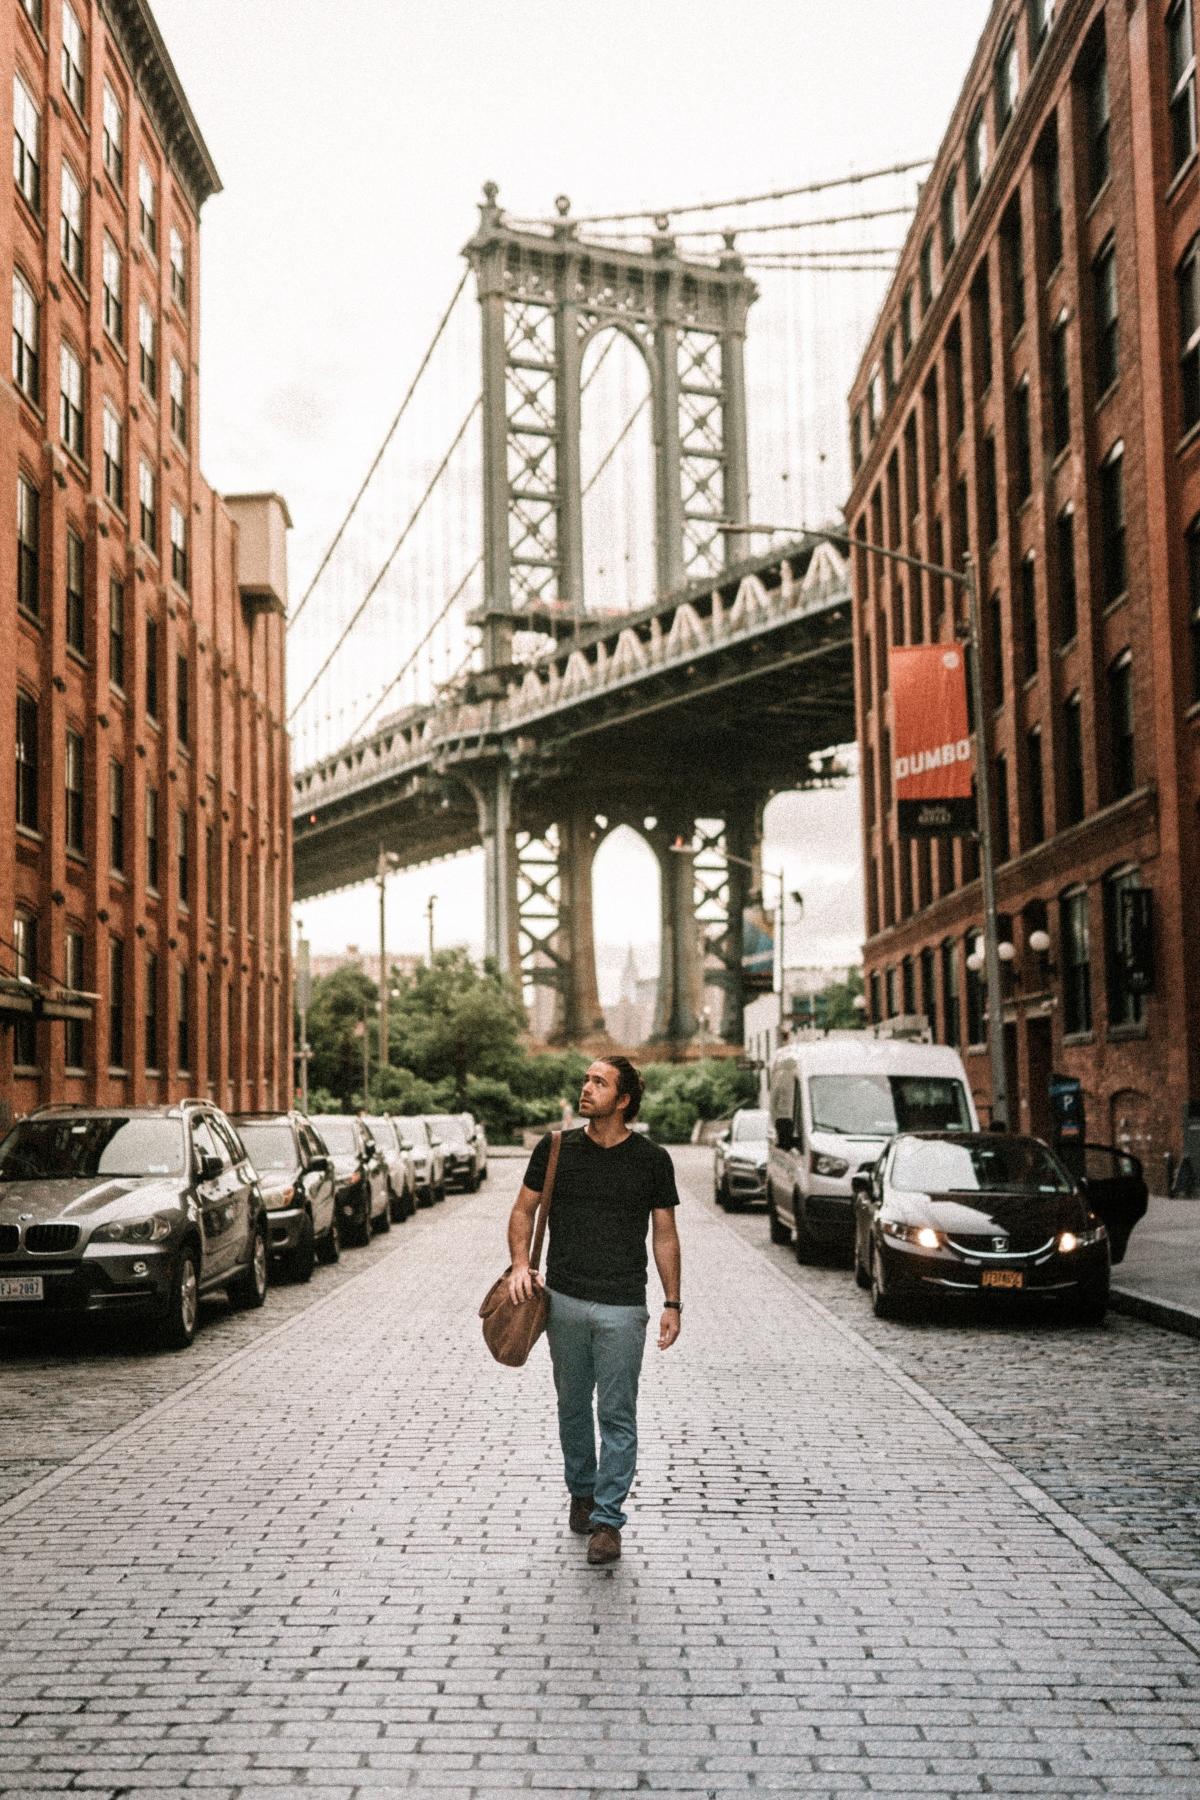 Hãy chọn những địa điểm bạn muốn ghé thăm nhất, thay vì cố gắng đi đến mọi nơi.Nguồn: Pexels